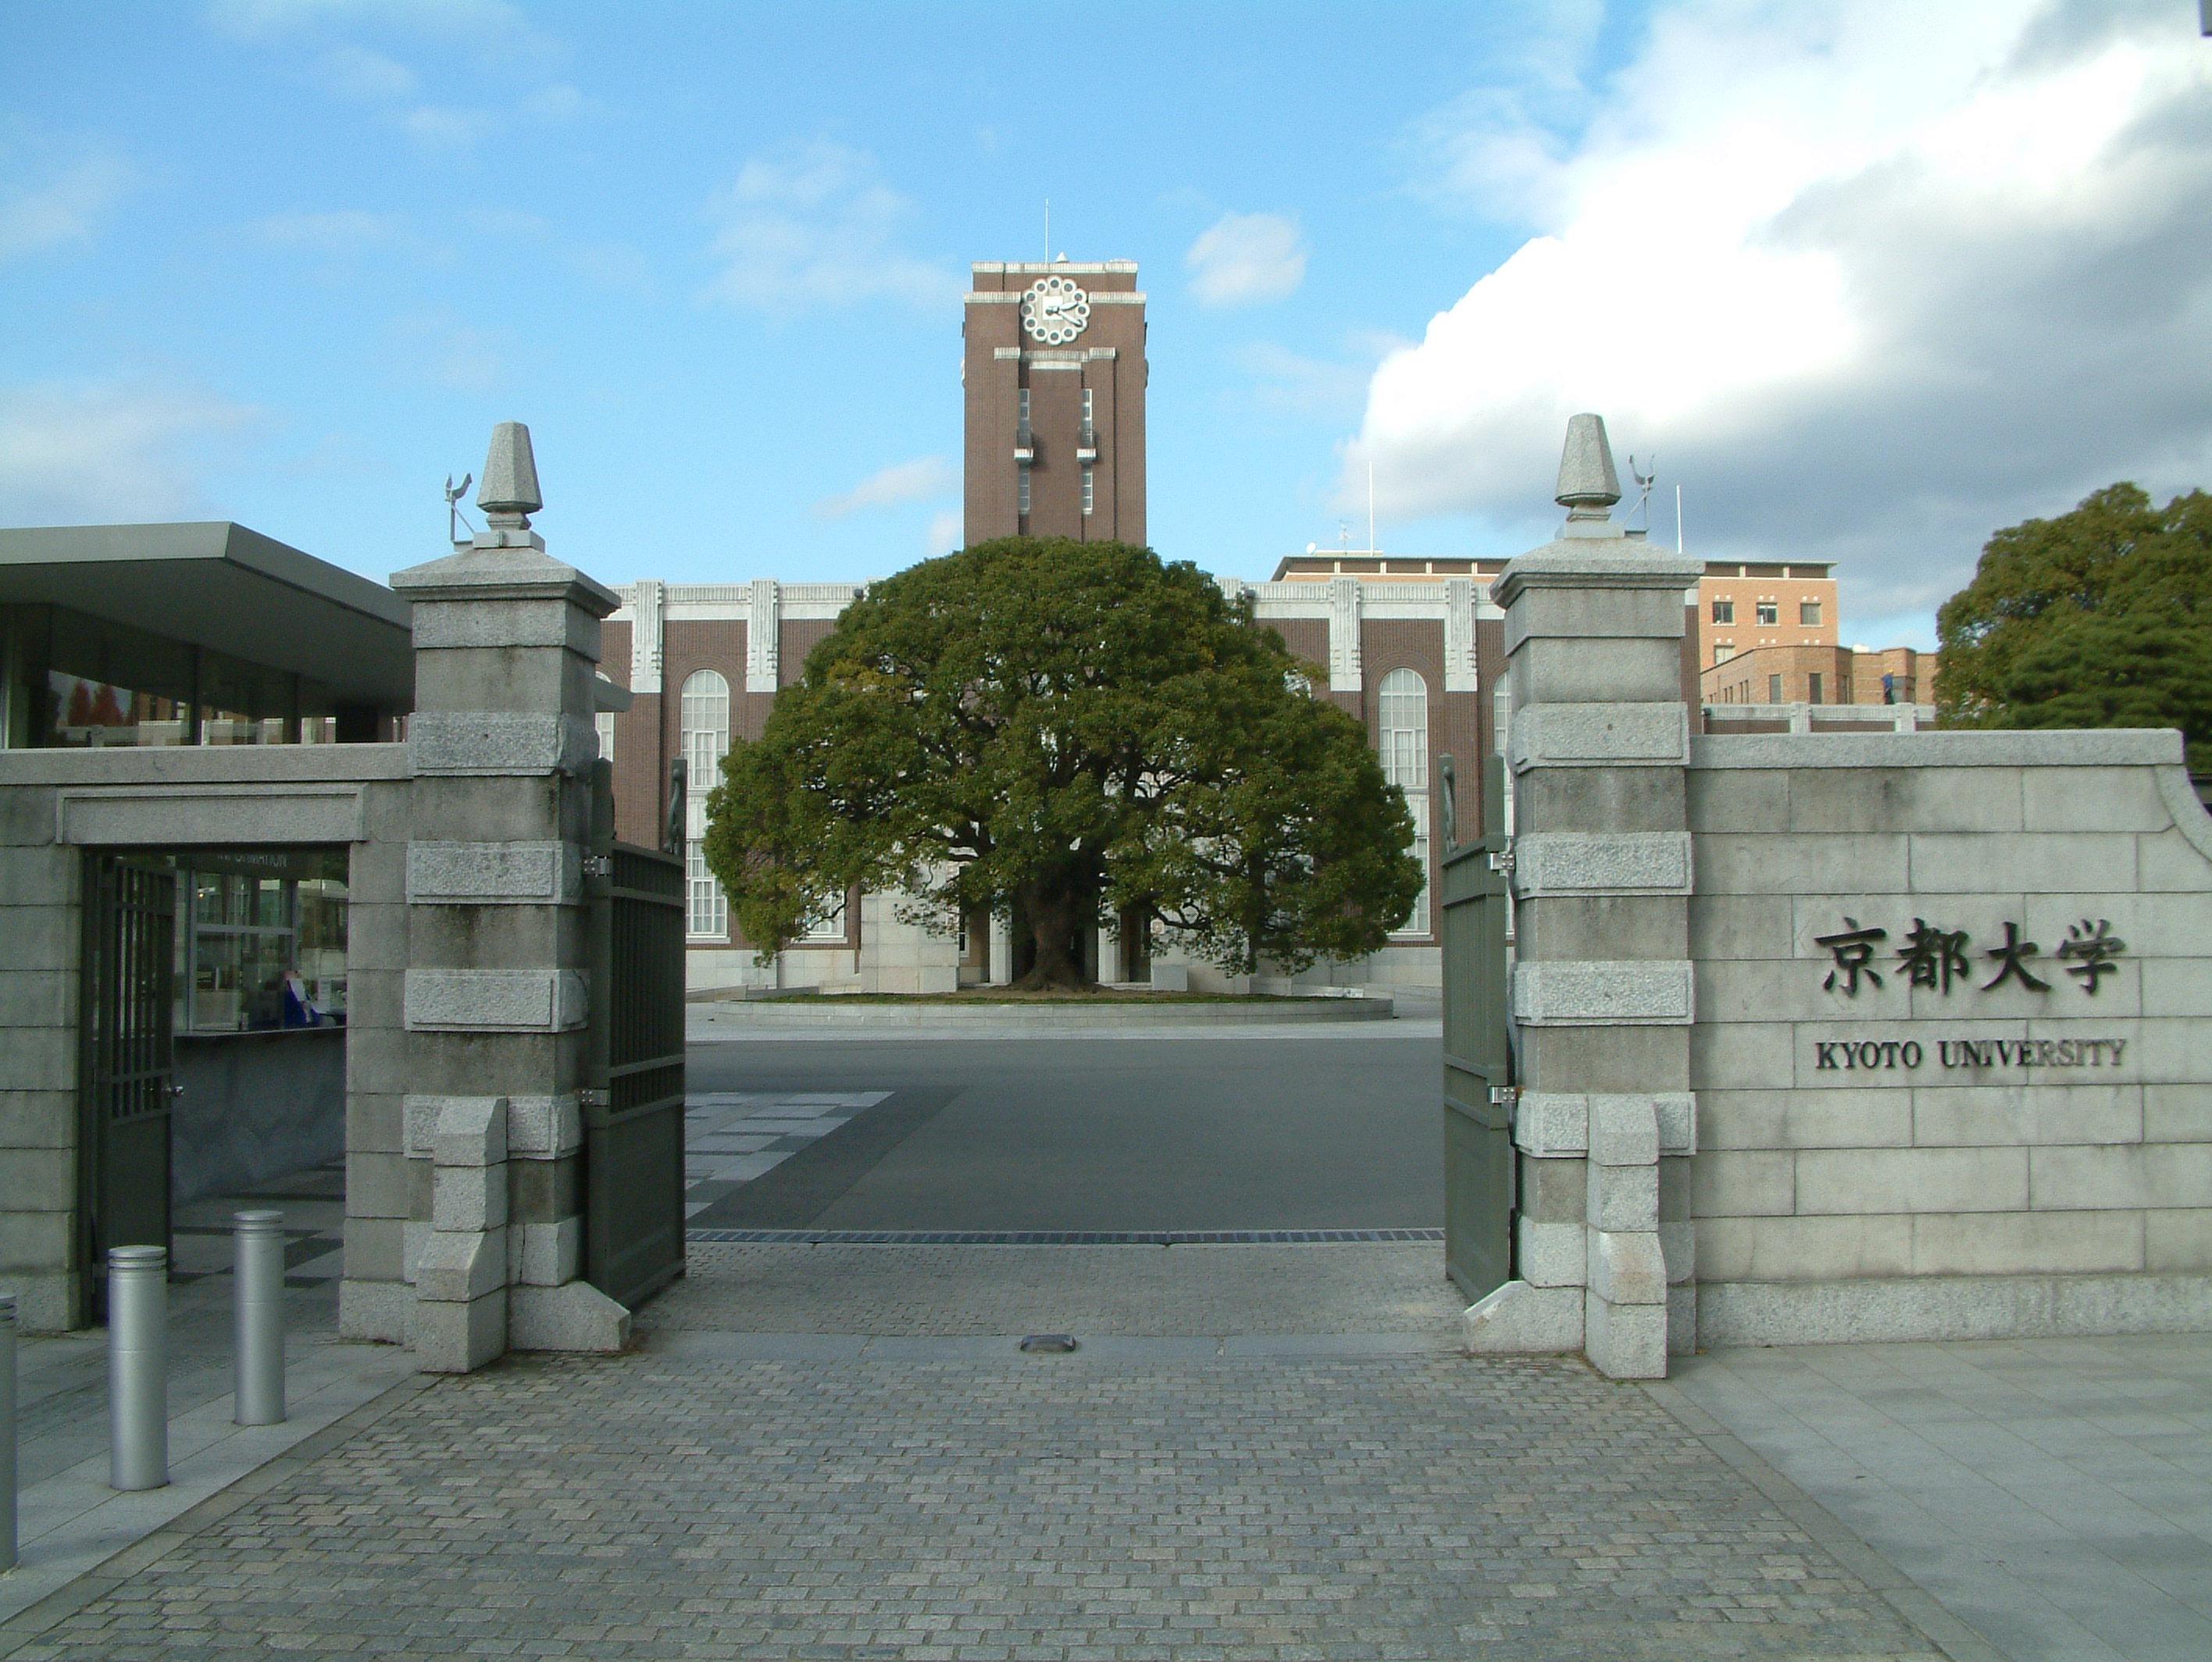 Học bổng nghiên cứu sau đại học từ Đại học Kyoto, Nhật Bản, 2016